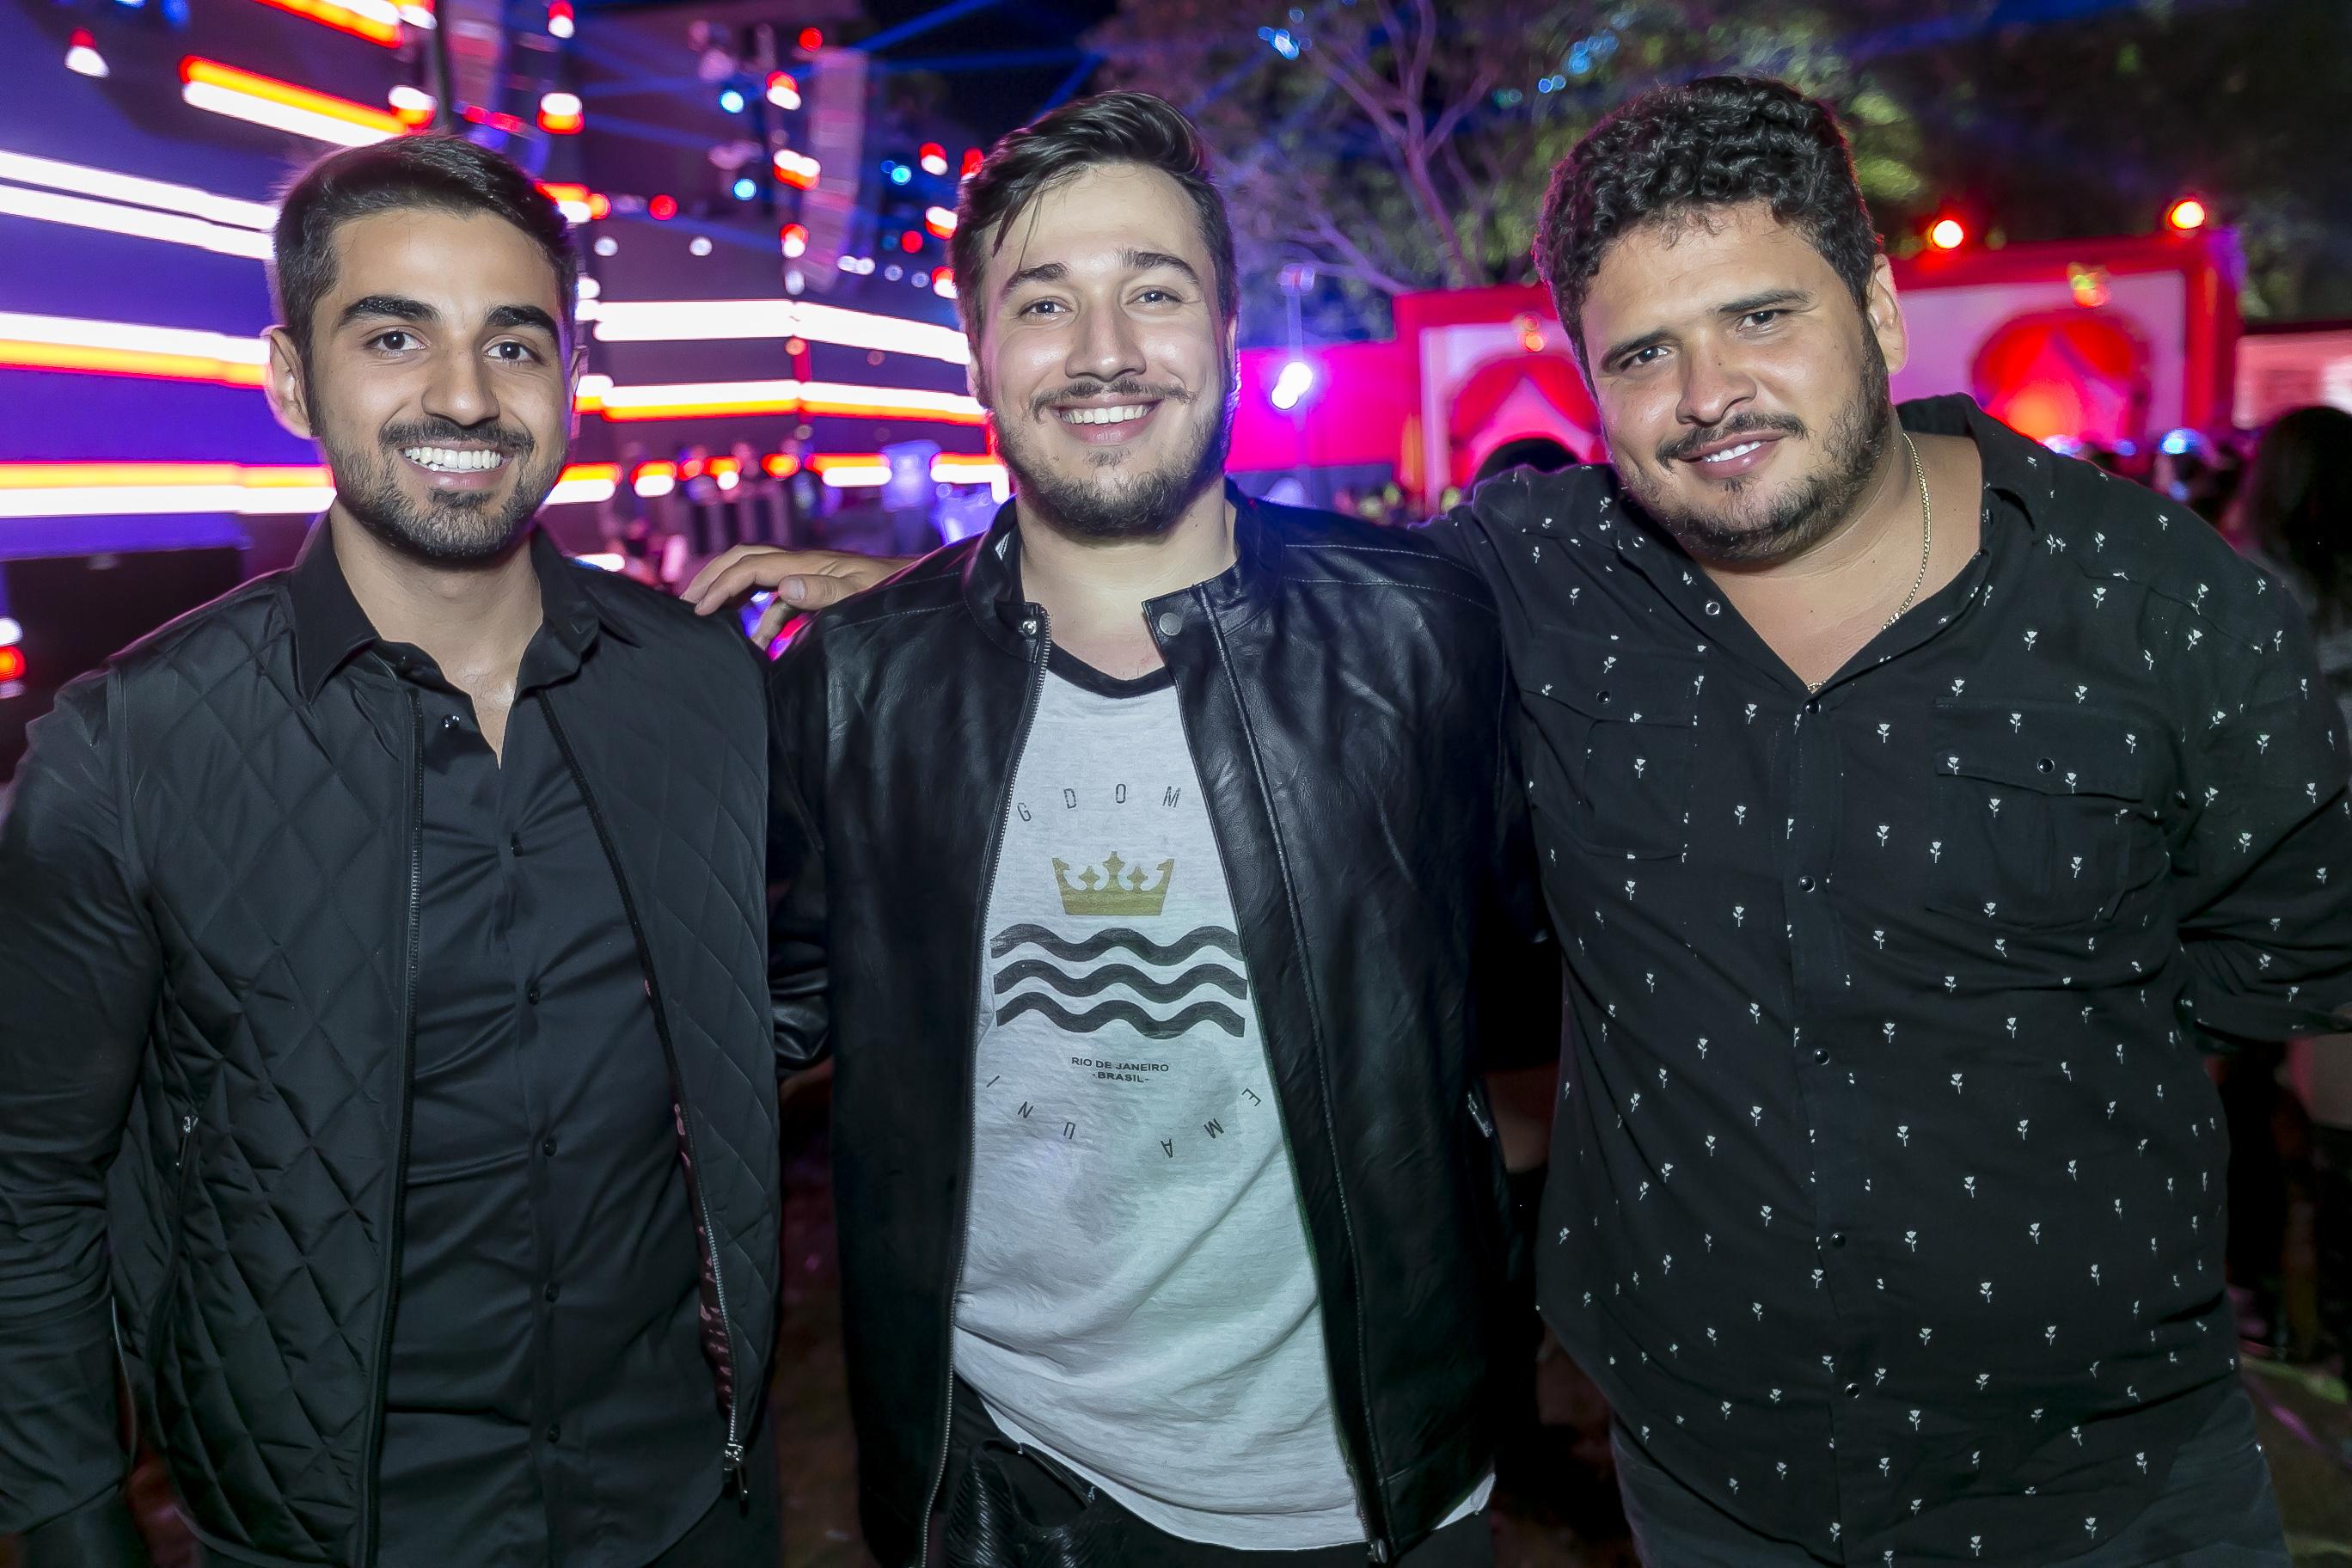 Os organizadores André Oliveira Souza e Vitor Barros receberam o empresário Raphael Eduardo na Festa EURO 2017, dia 3.